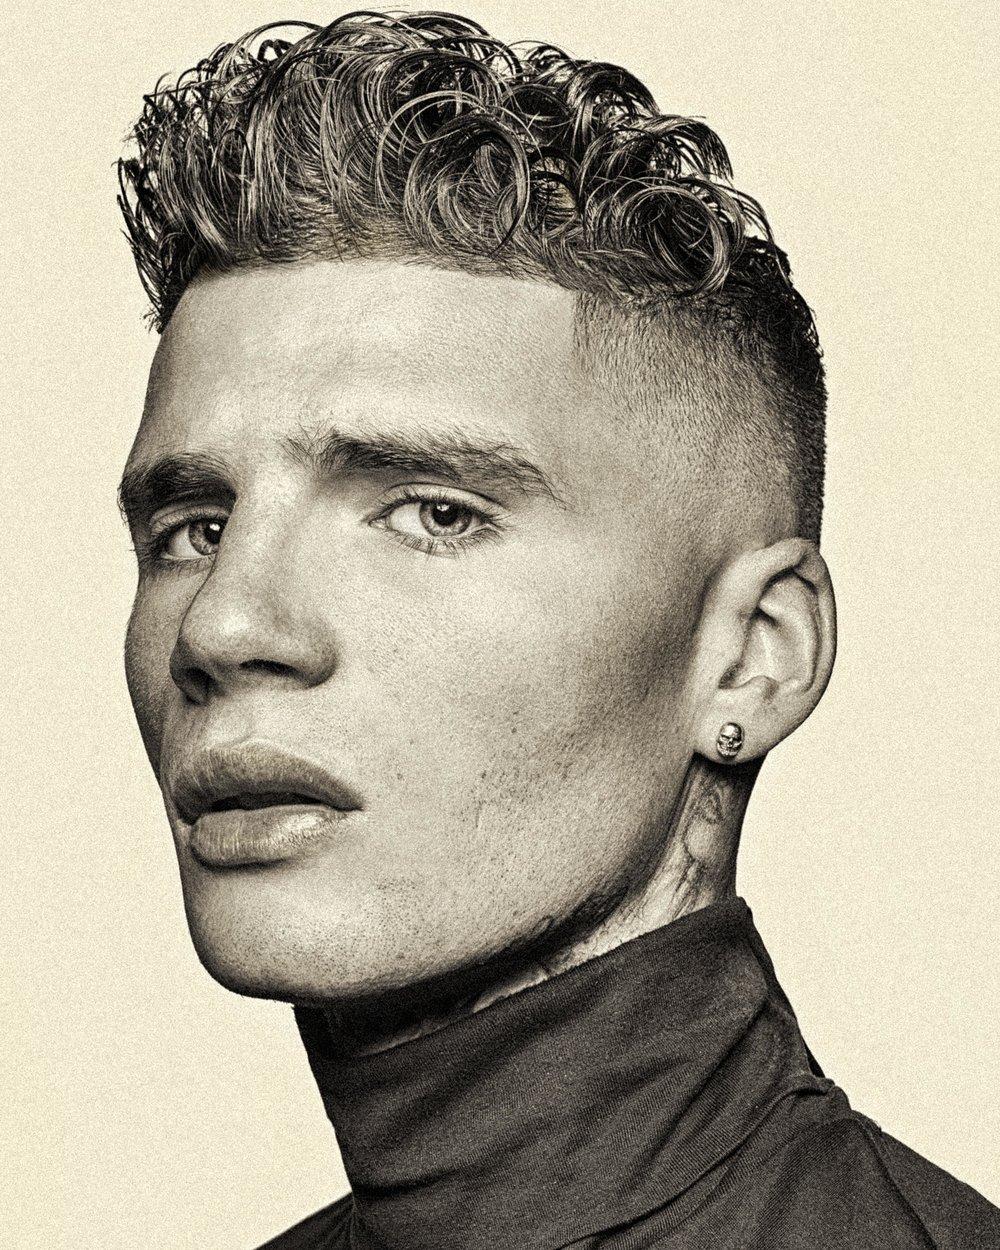 Kevin Luchmun barber